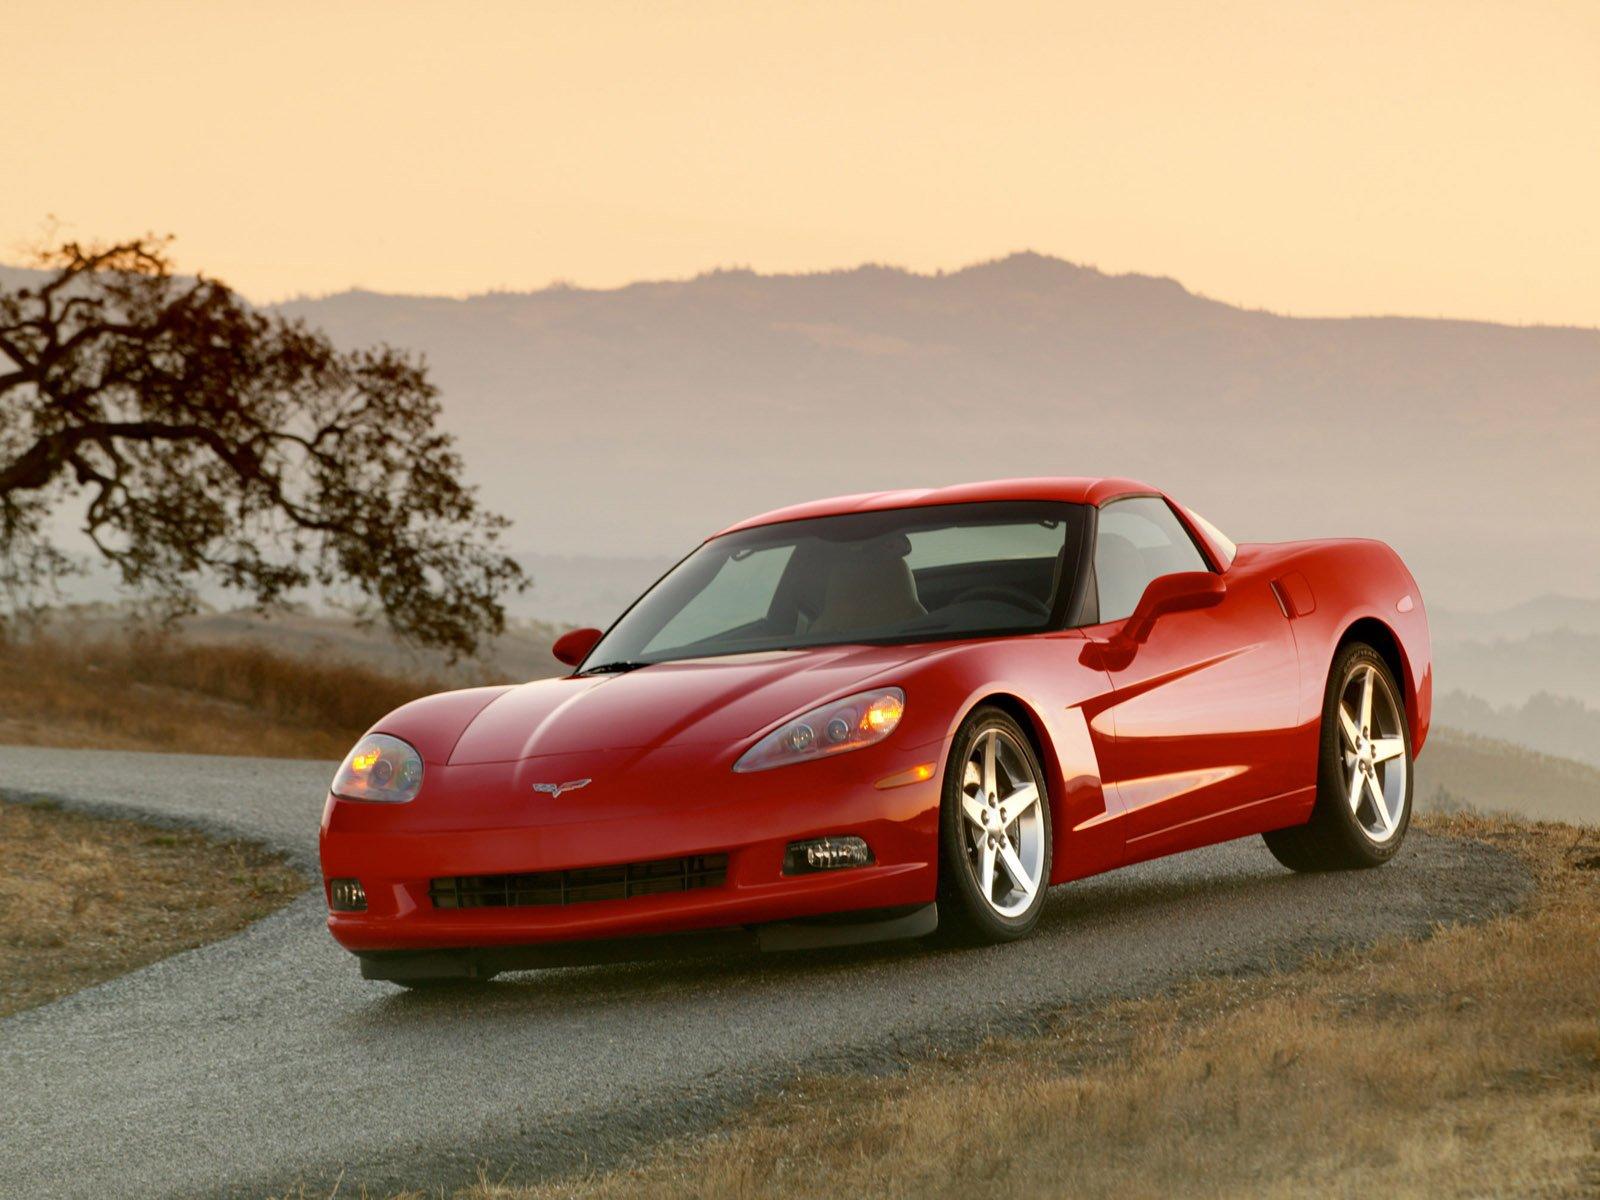 http://3.bp.blogspot.com/-X7T0p8pyQEQ/Tpw5eUdgXgI/AAAAAAAAAkM/Pxgl1GsS_50/s1600/Chevrolet-Corvette-C6-7-QXAC0RY4I1-1600x1200.jpg